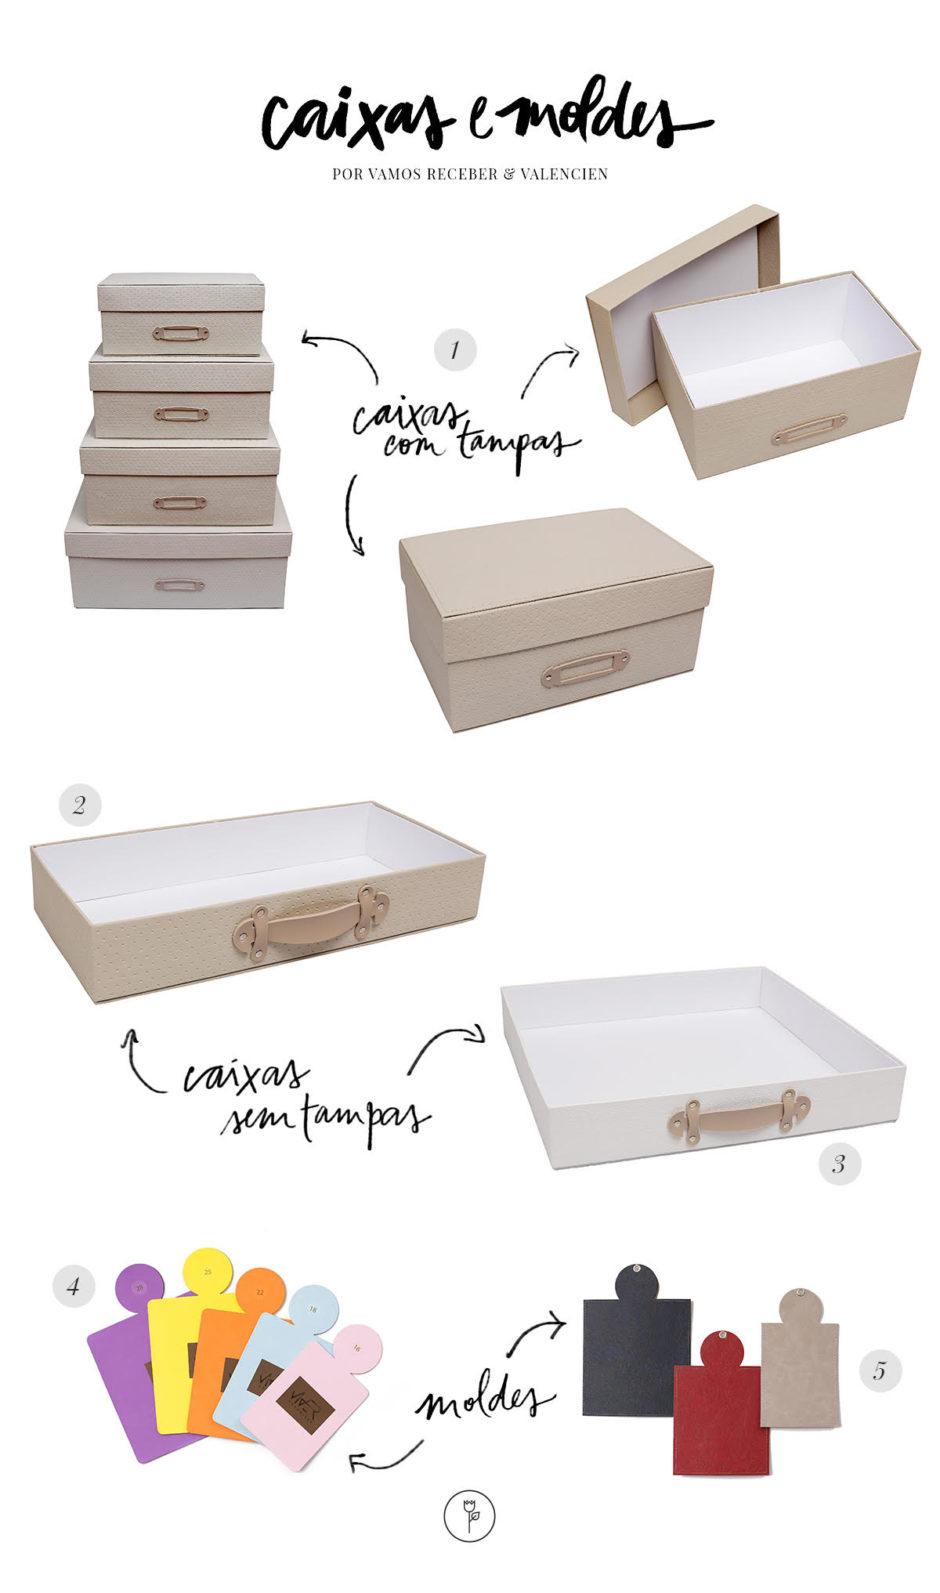 caixas e moldes da Valencien